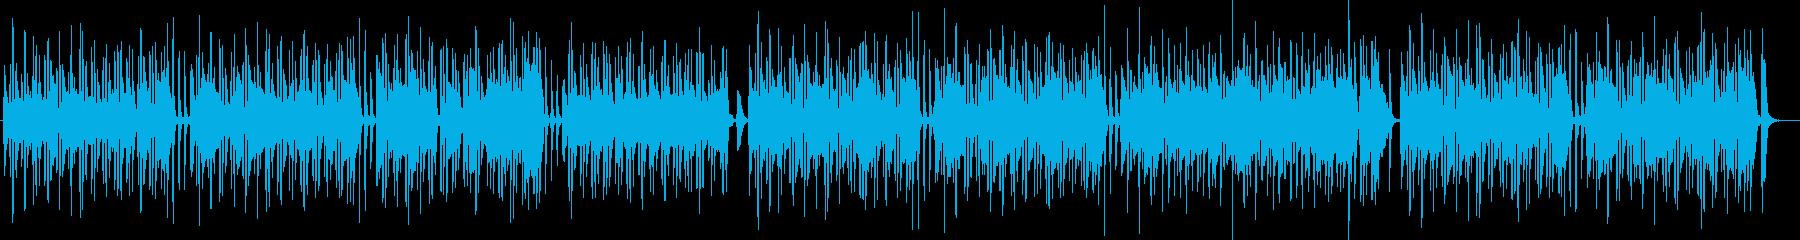 バスクラリネットのとぼけた感じの曲の再生済みの波形